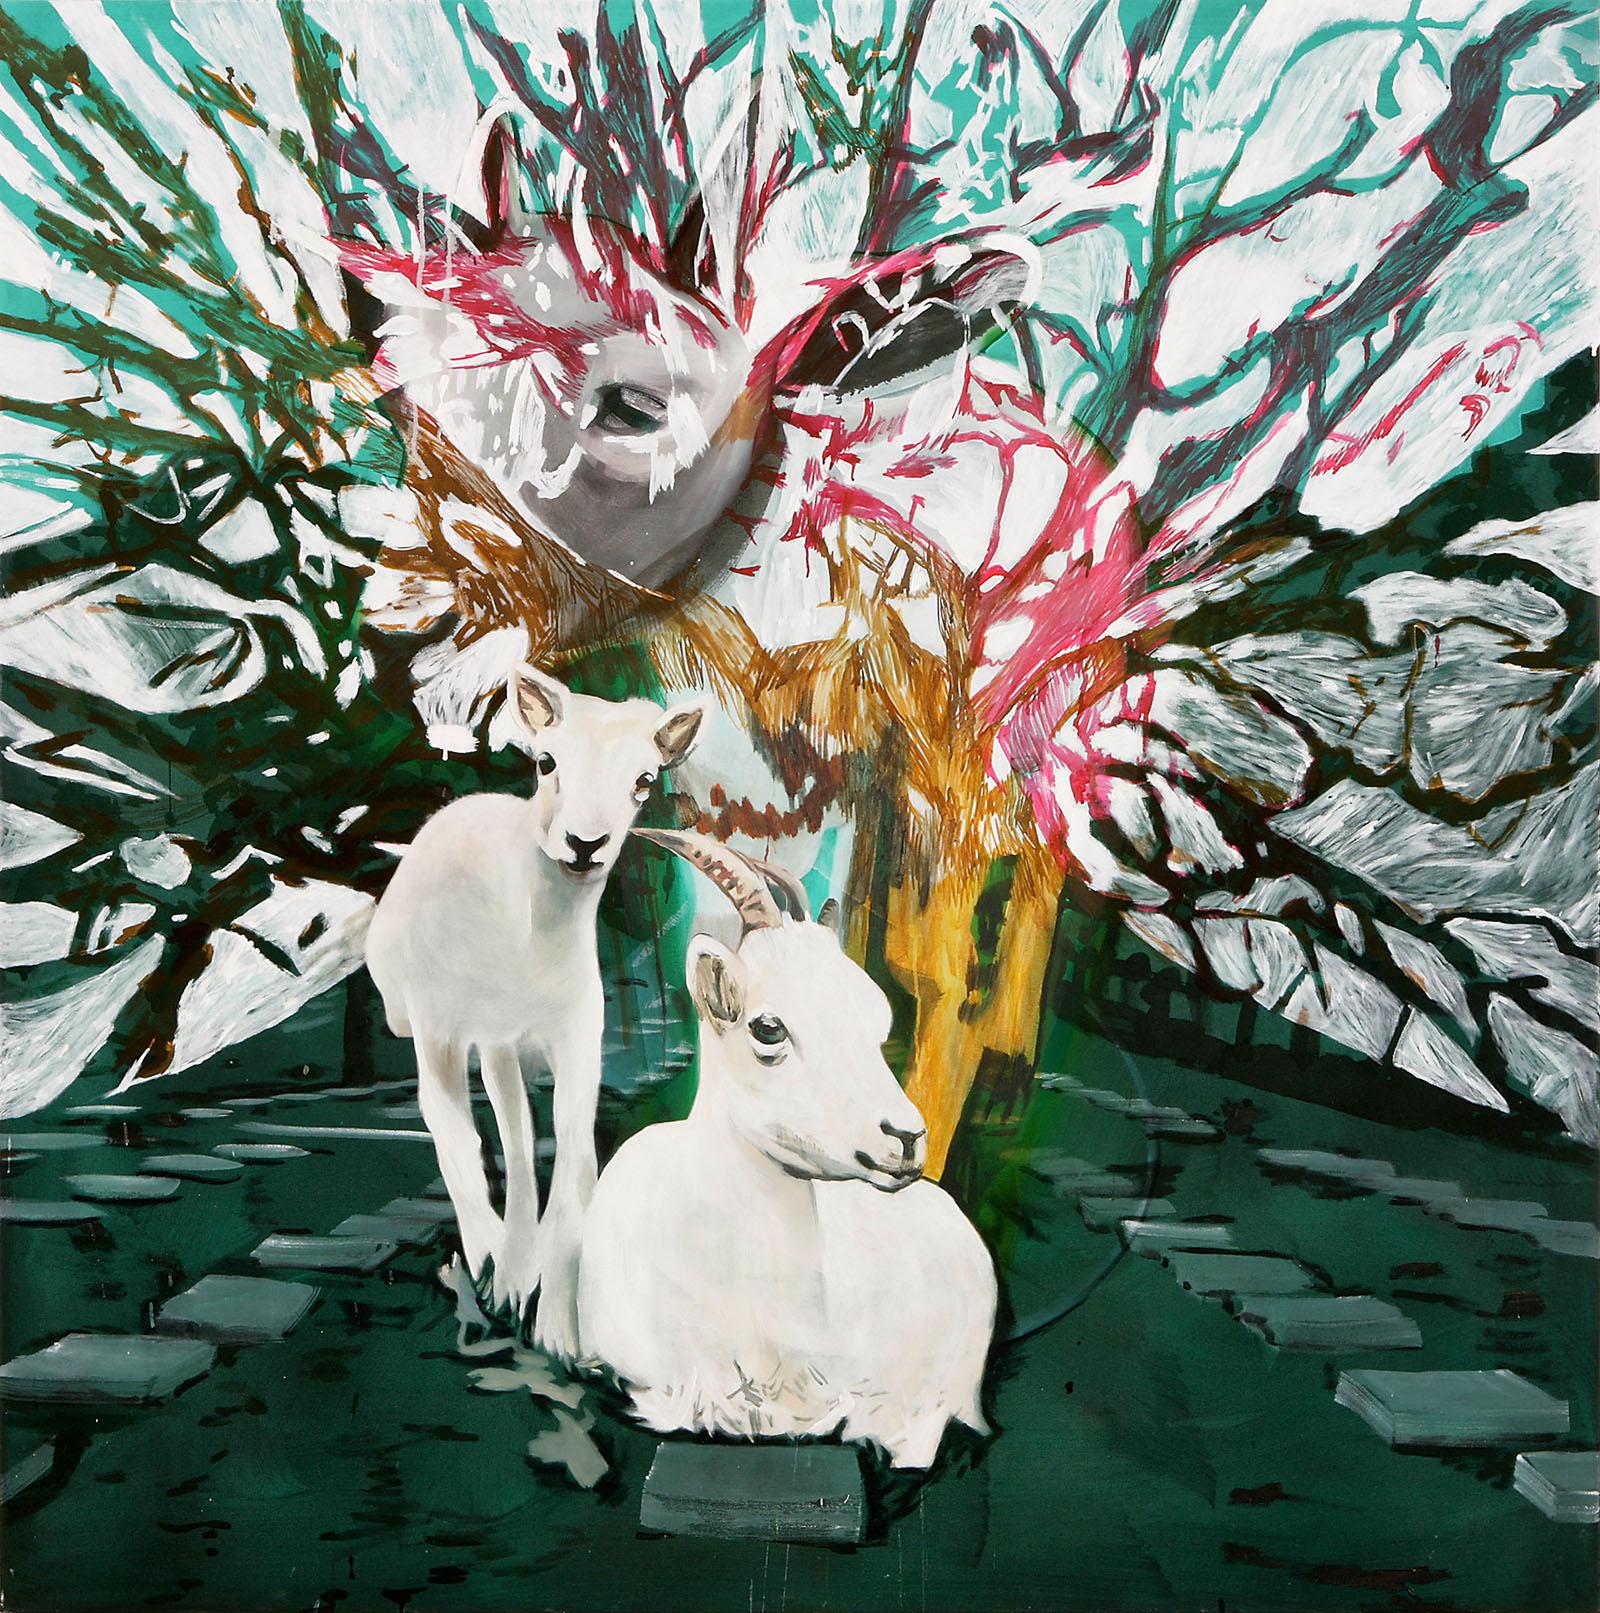 """o.T. aus """"Krähen Kommen"""", 2008, 190 x 190 cm, Mischtechnik auf Leinwand"""